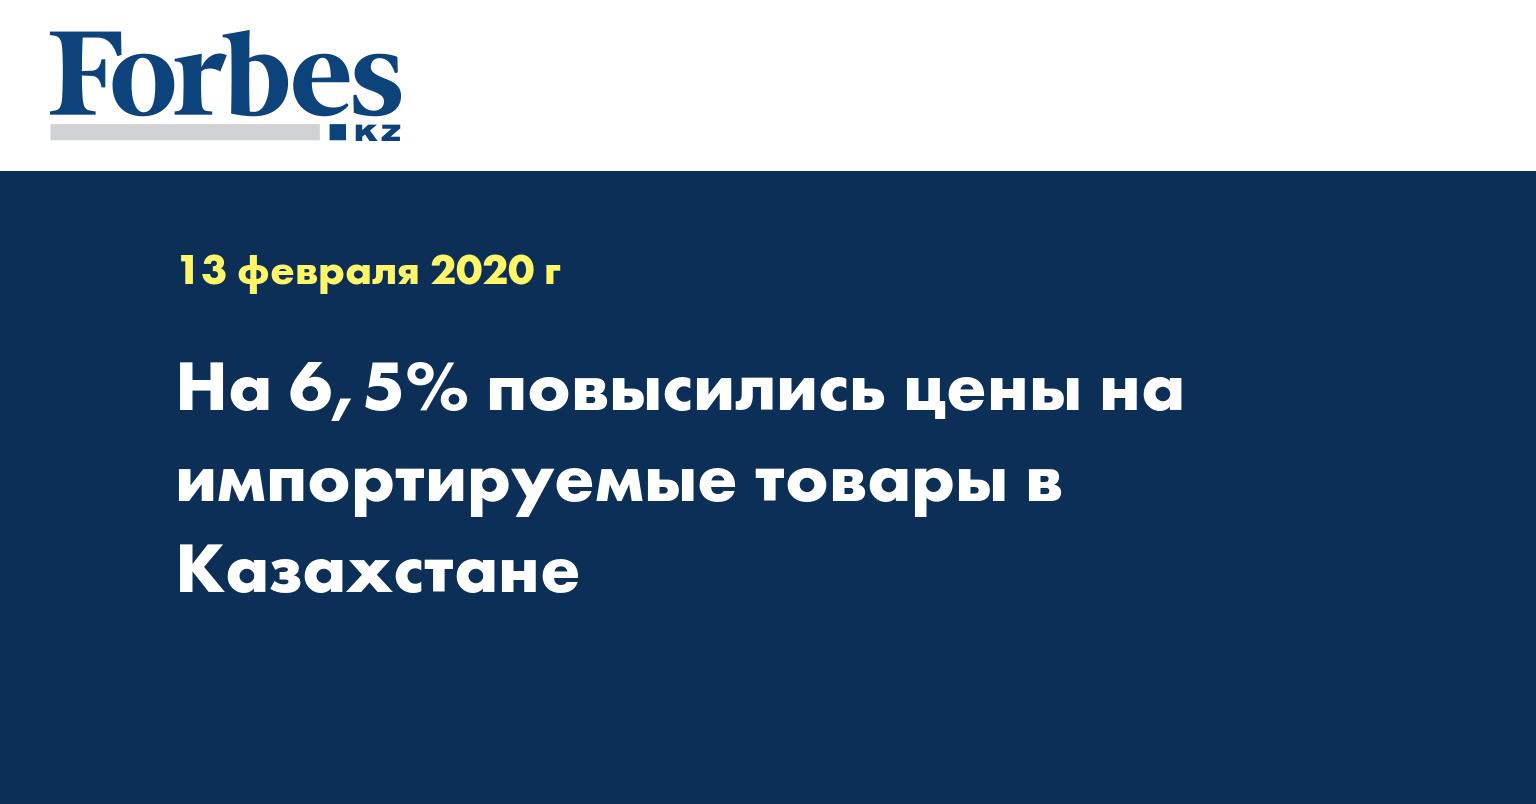 На 6,5% повысились цены на импортируемые товары в Казахстане